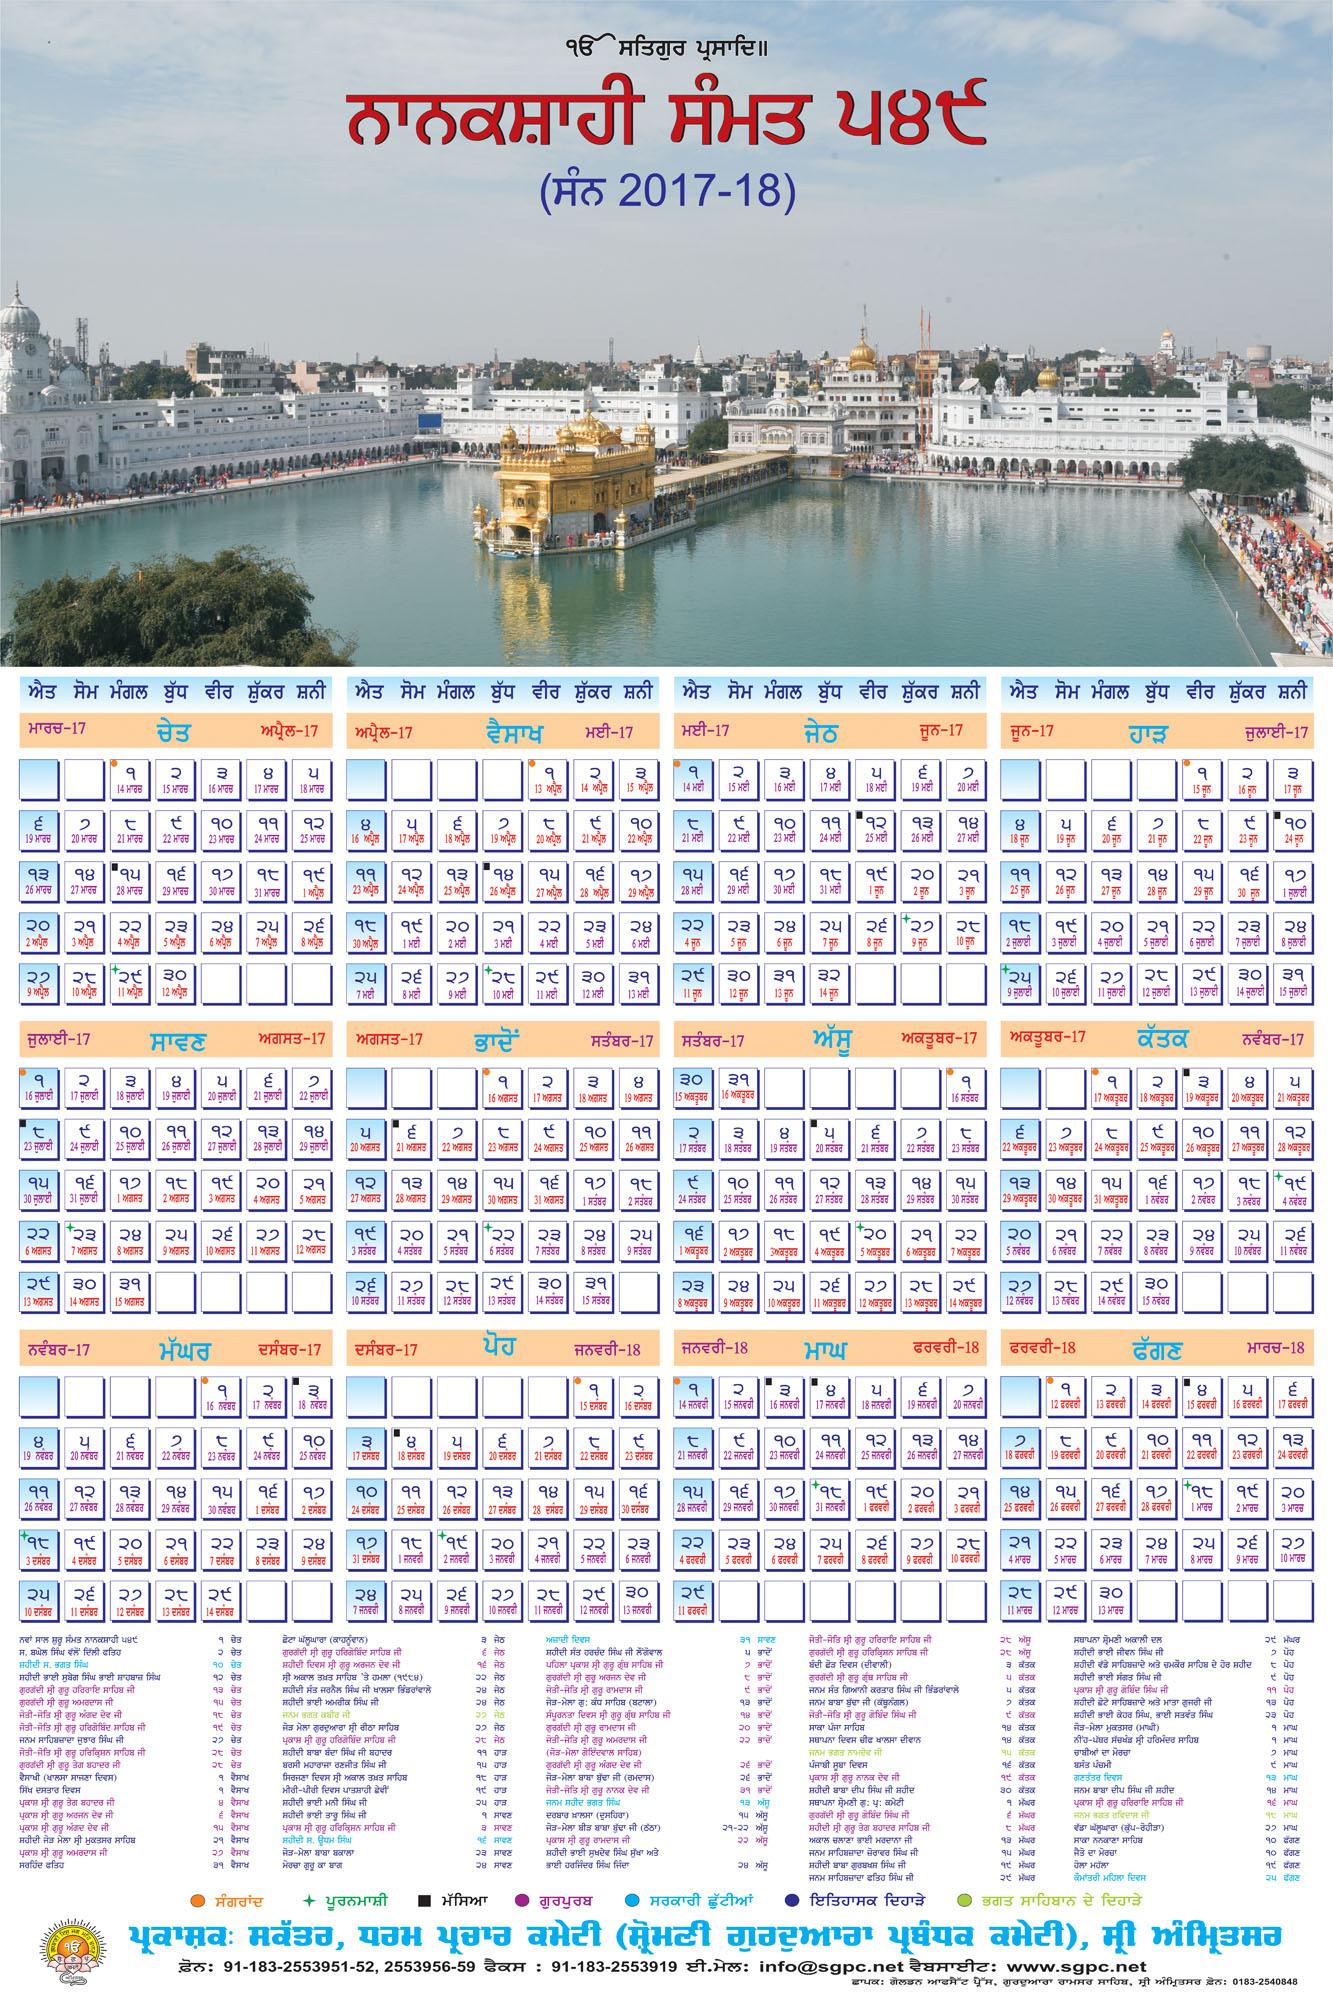 Sikh Gurpurab Calendar 20192020 ~ Samat 551 | Sikhnet for Sgpc Calendar 2020